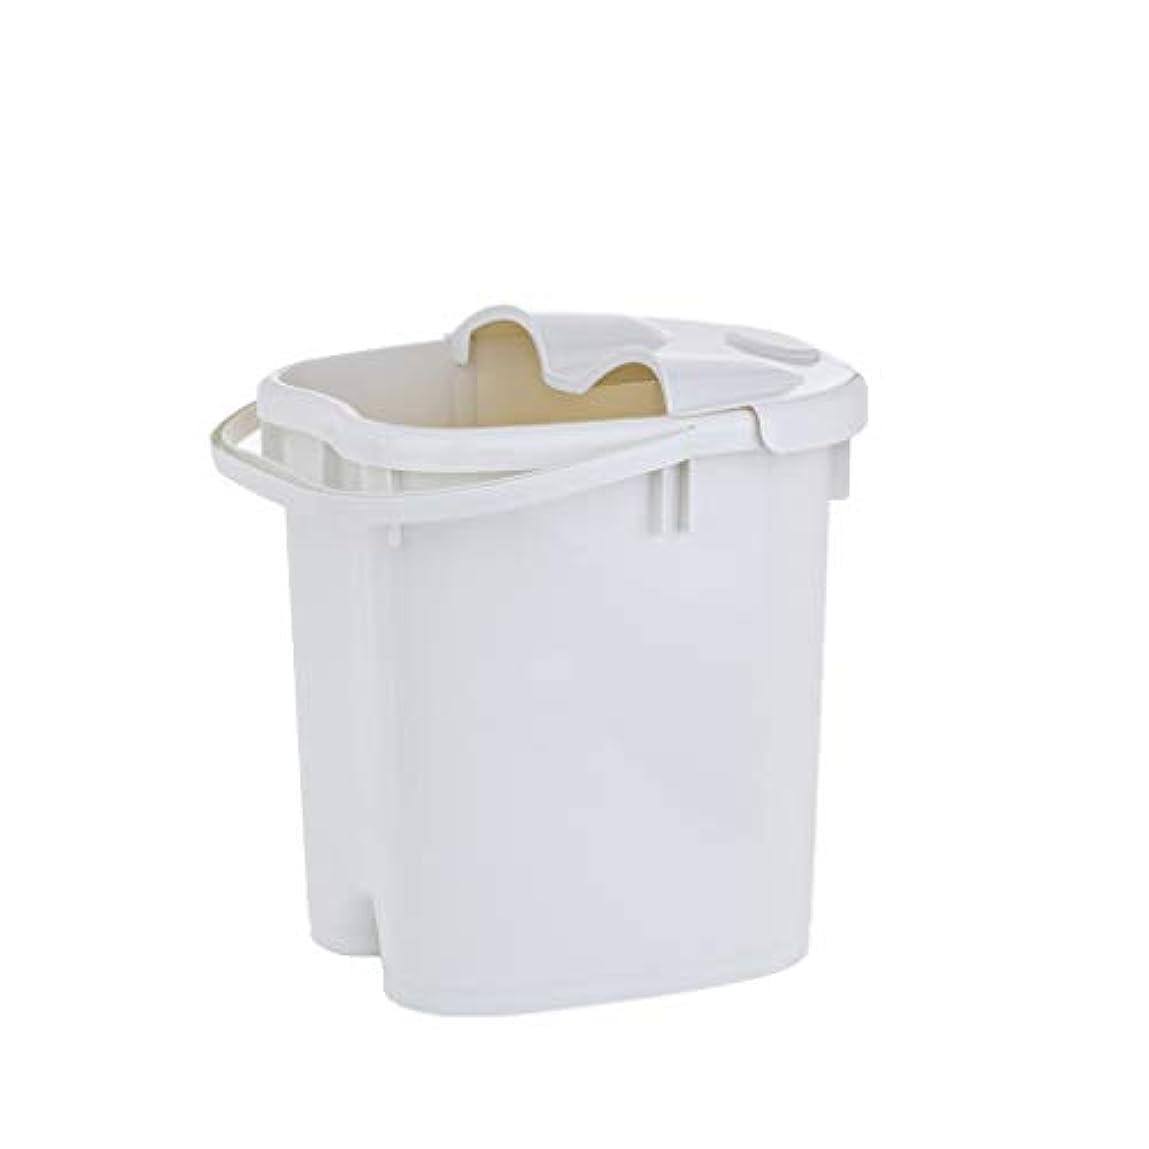 尊敬私たちのモザイクフットバスバレル- ?AMT携帯用高まりのマッサージの浴槽のふたの熱保存のフィートの洗面器の世帯が付いている大人のフットバスのバケツ Relax foot (色 : 白, サイズ さいず : 39cm high)